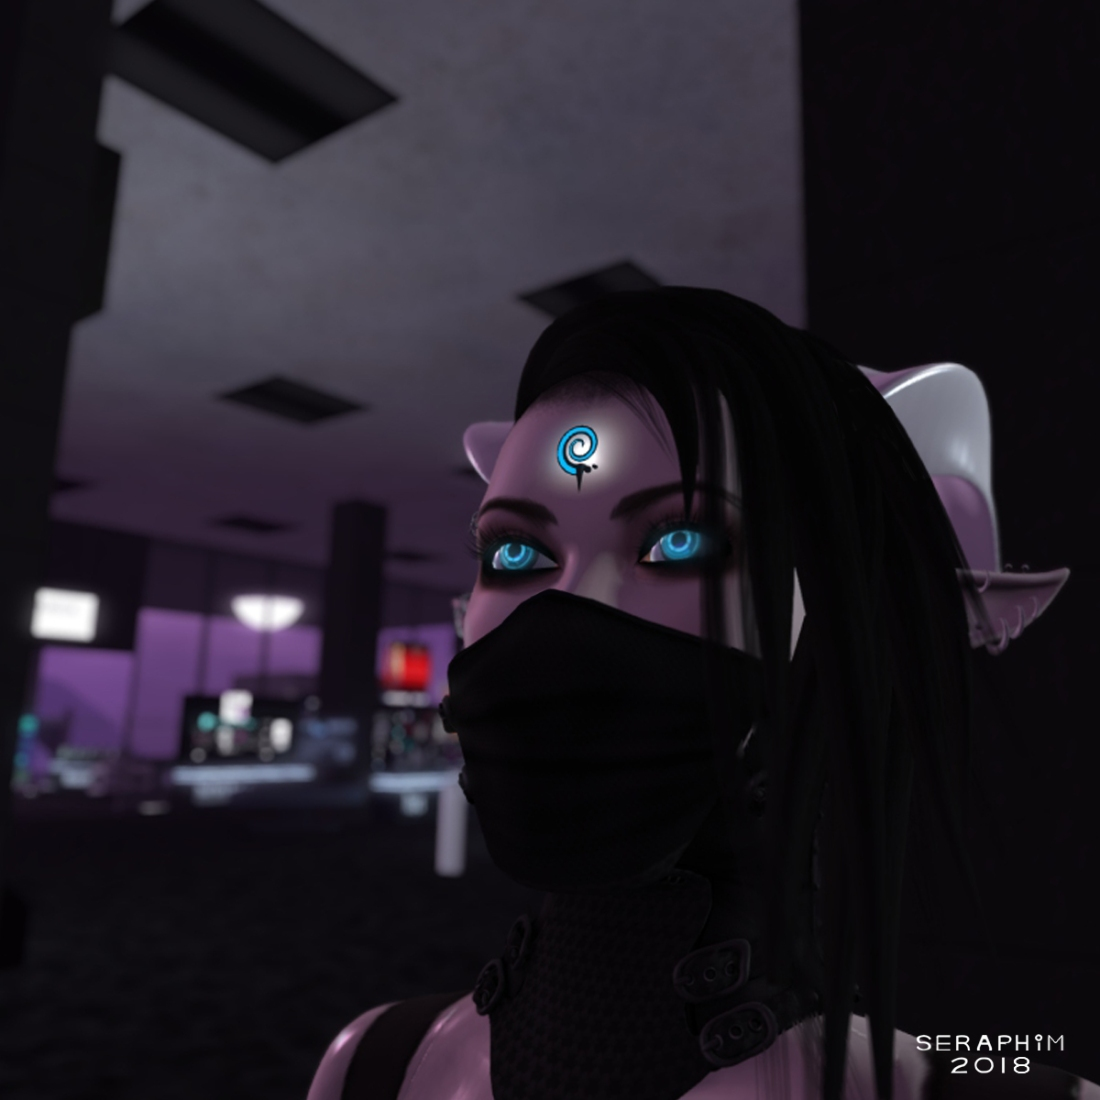 K4ya_edit